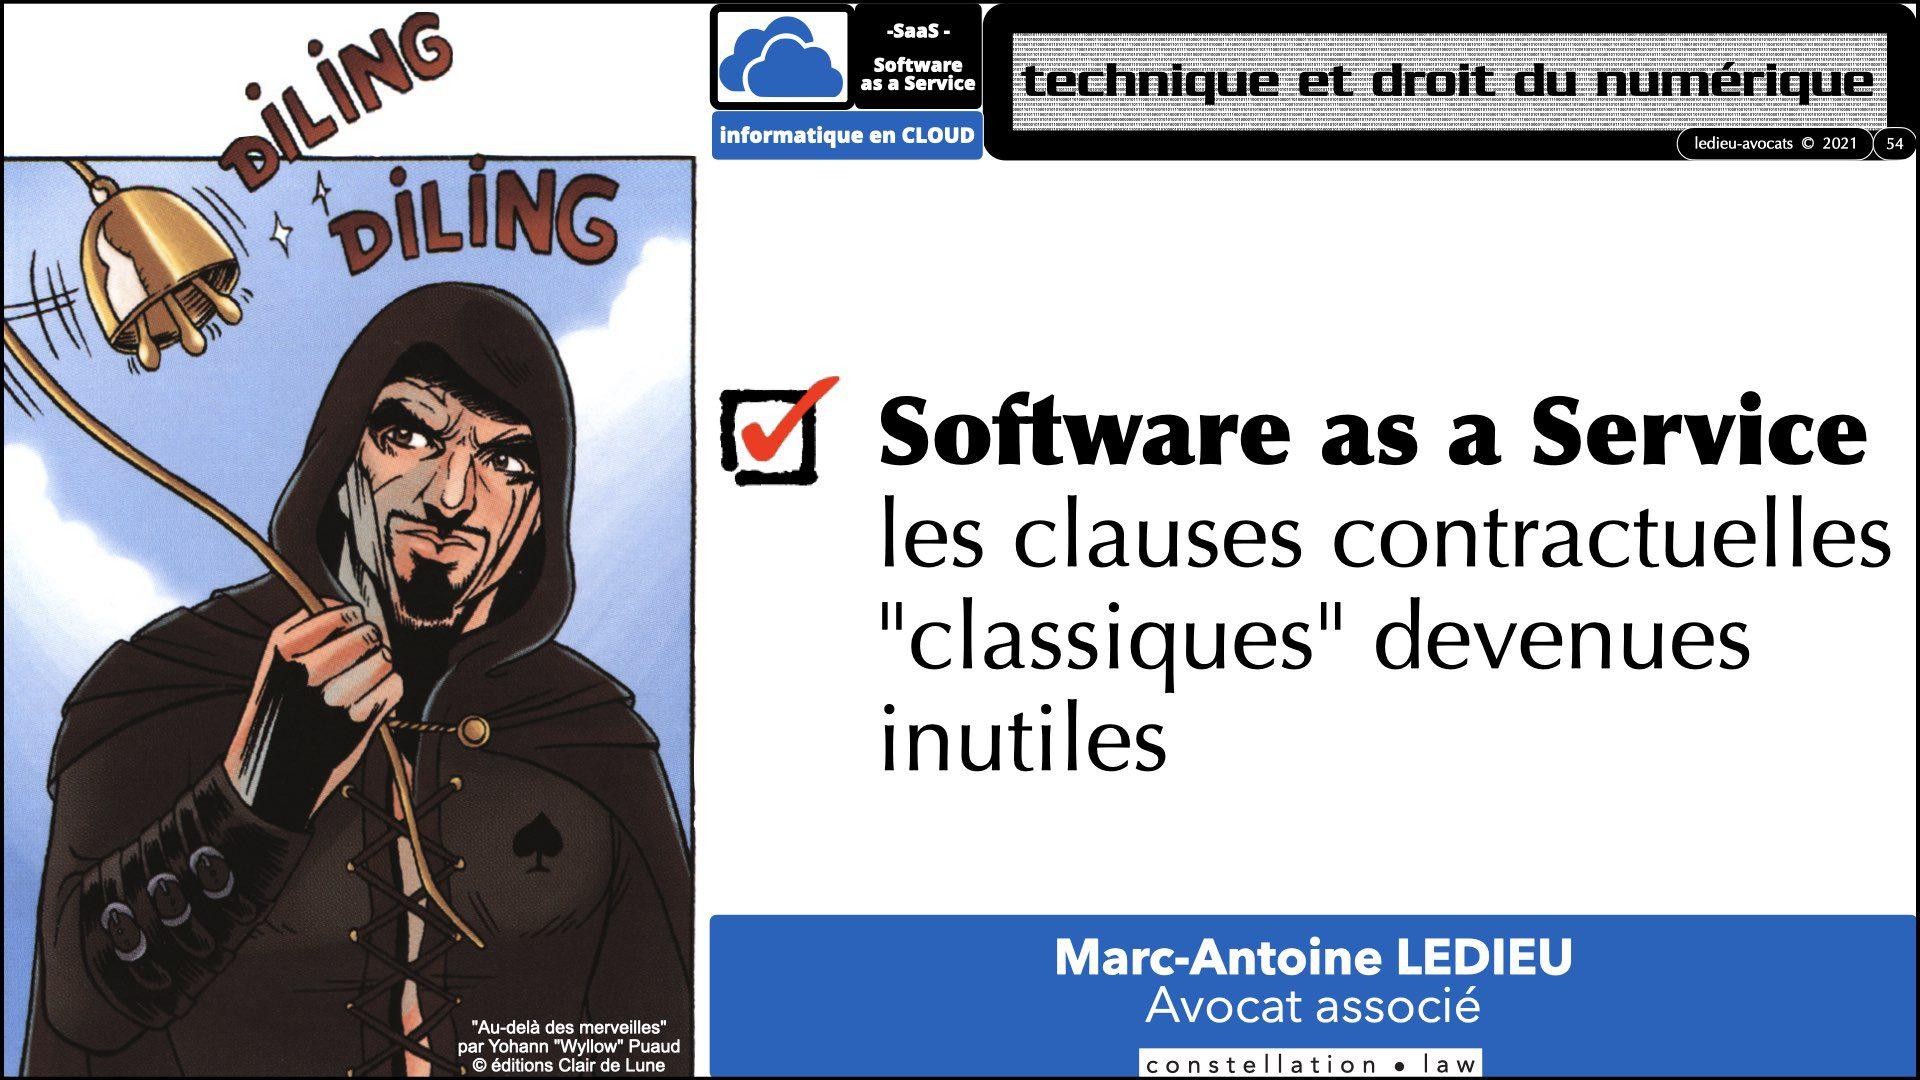 343 service LOGICIEL SaaS Software-as-a-Service cloud computing © Ledieu-Avocats technique droit numerique 30-08-2021.054